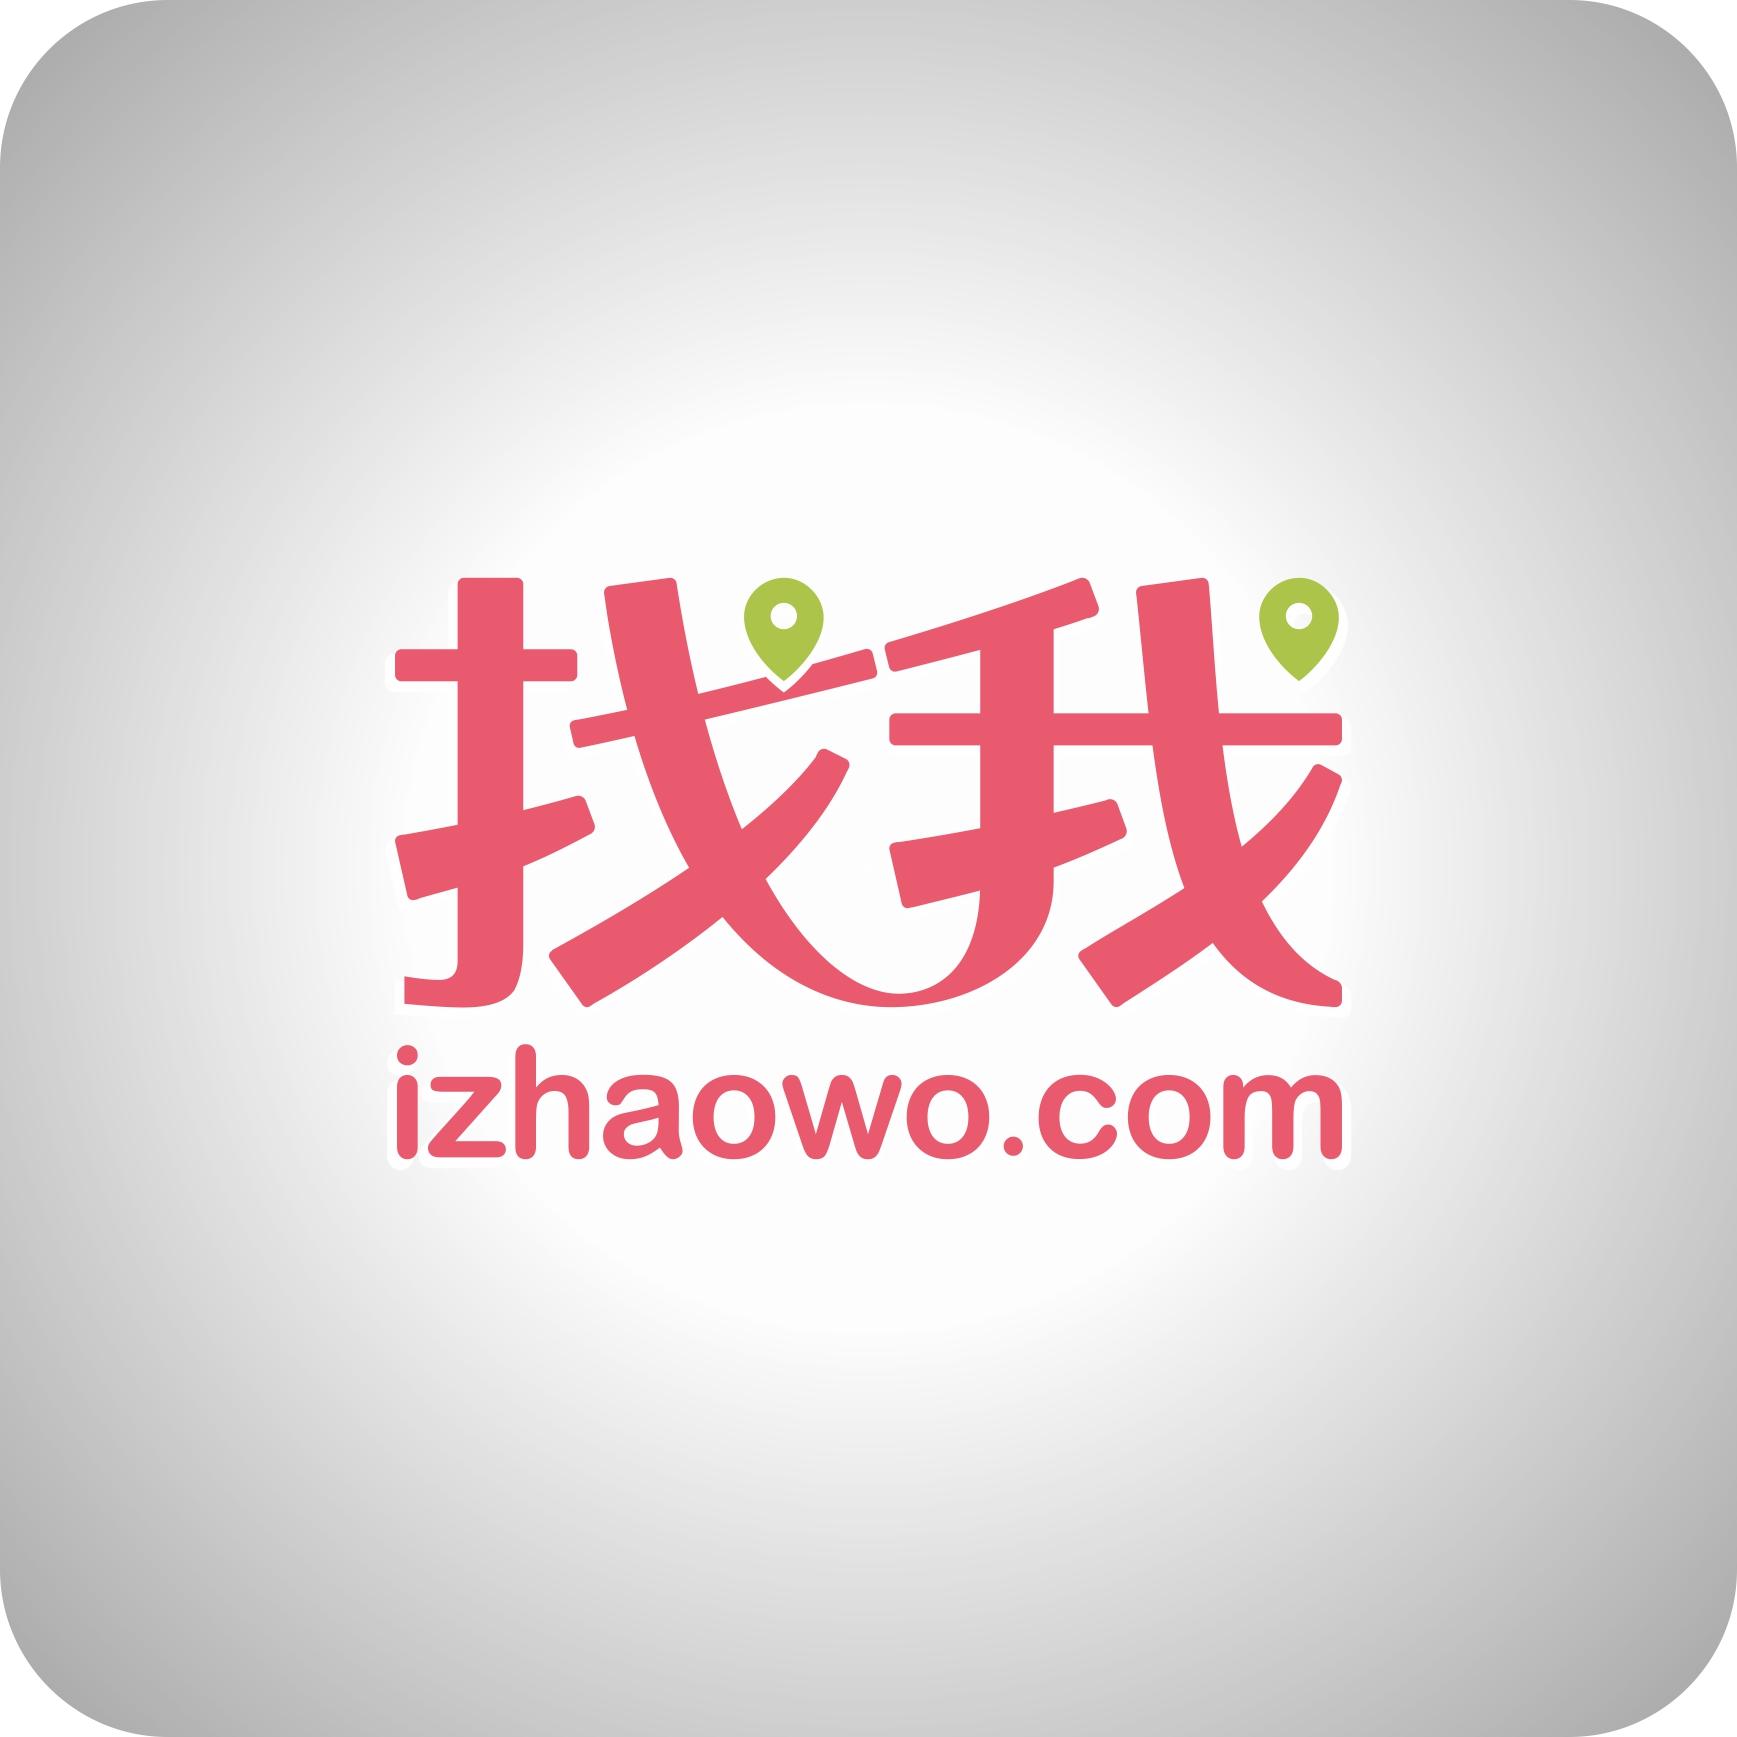 找企业网站